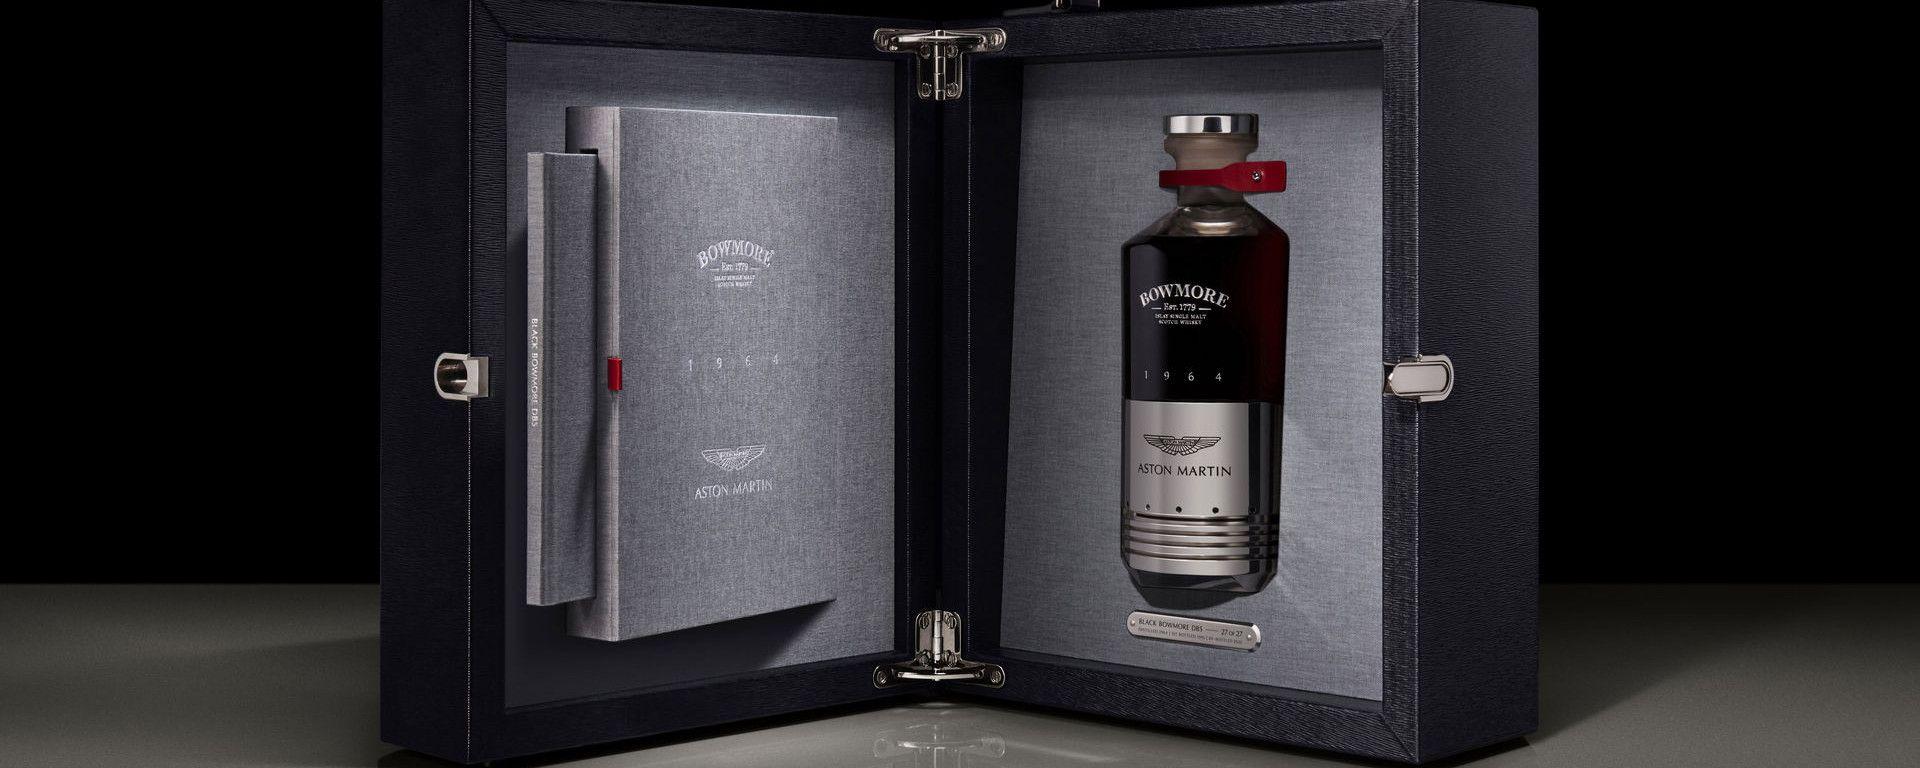 Aston Martin e Bowmore: il pregiato cofaneto in pelle pieno fiore che contiene il whisky